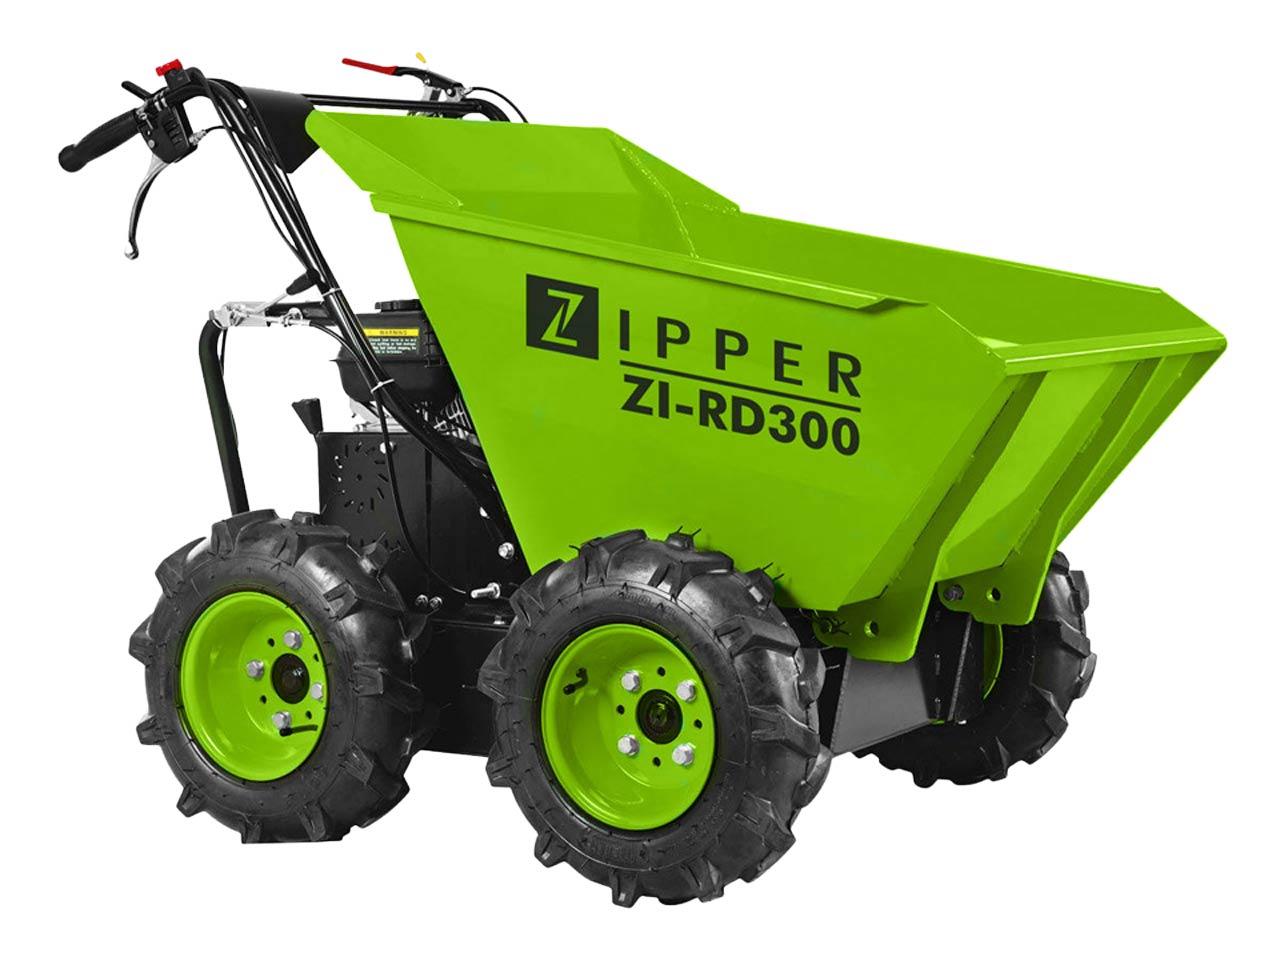 Zipper_RD300.jpg